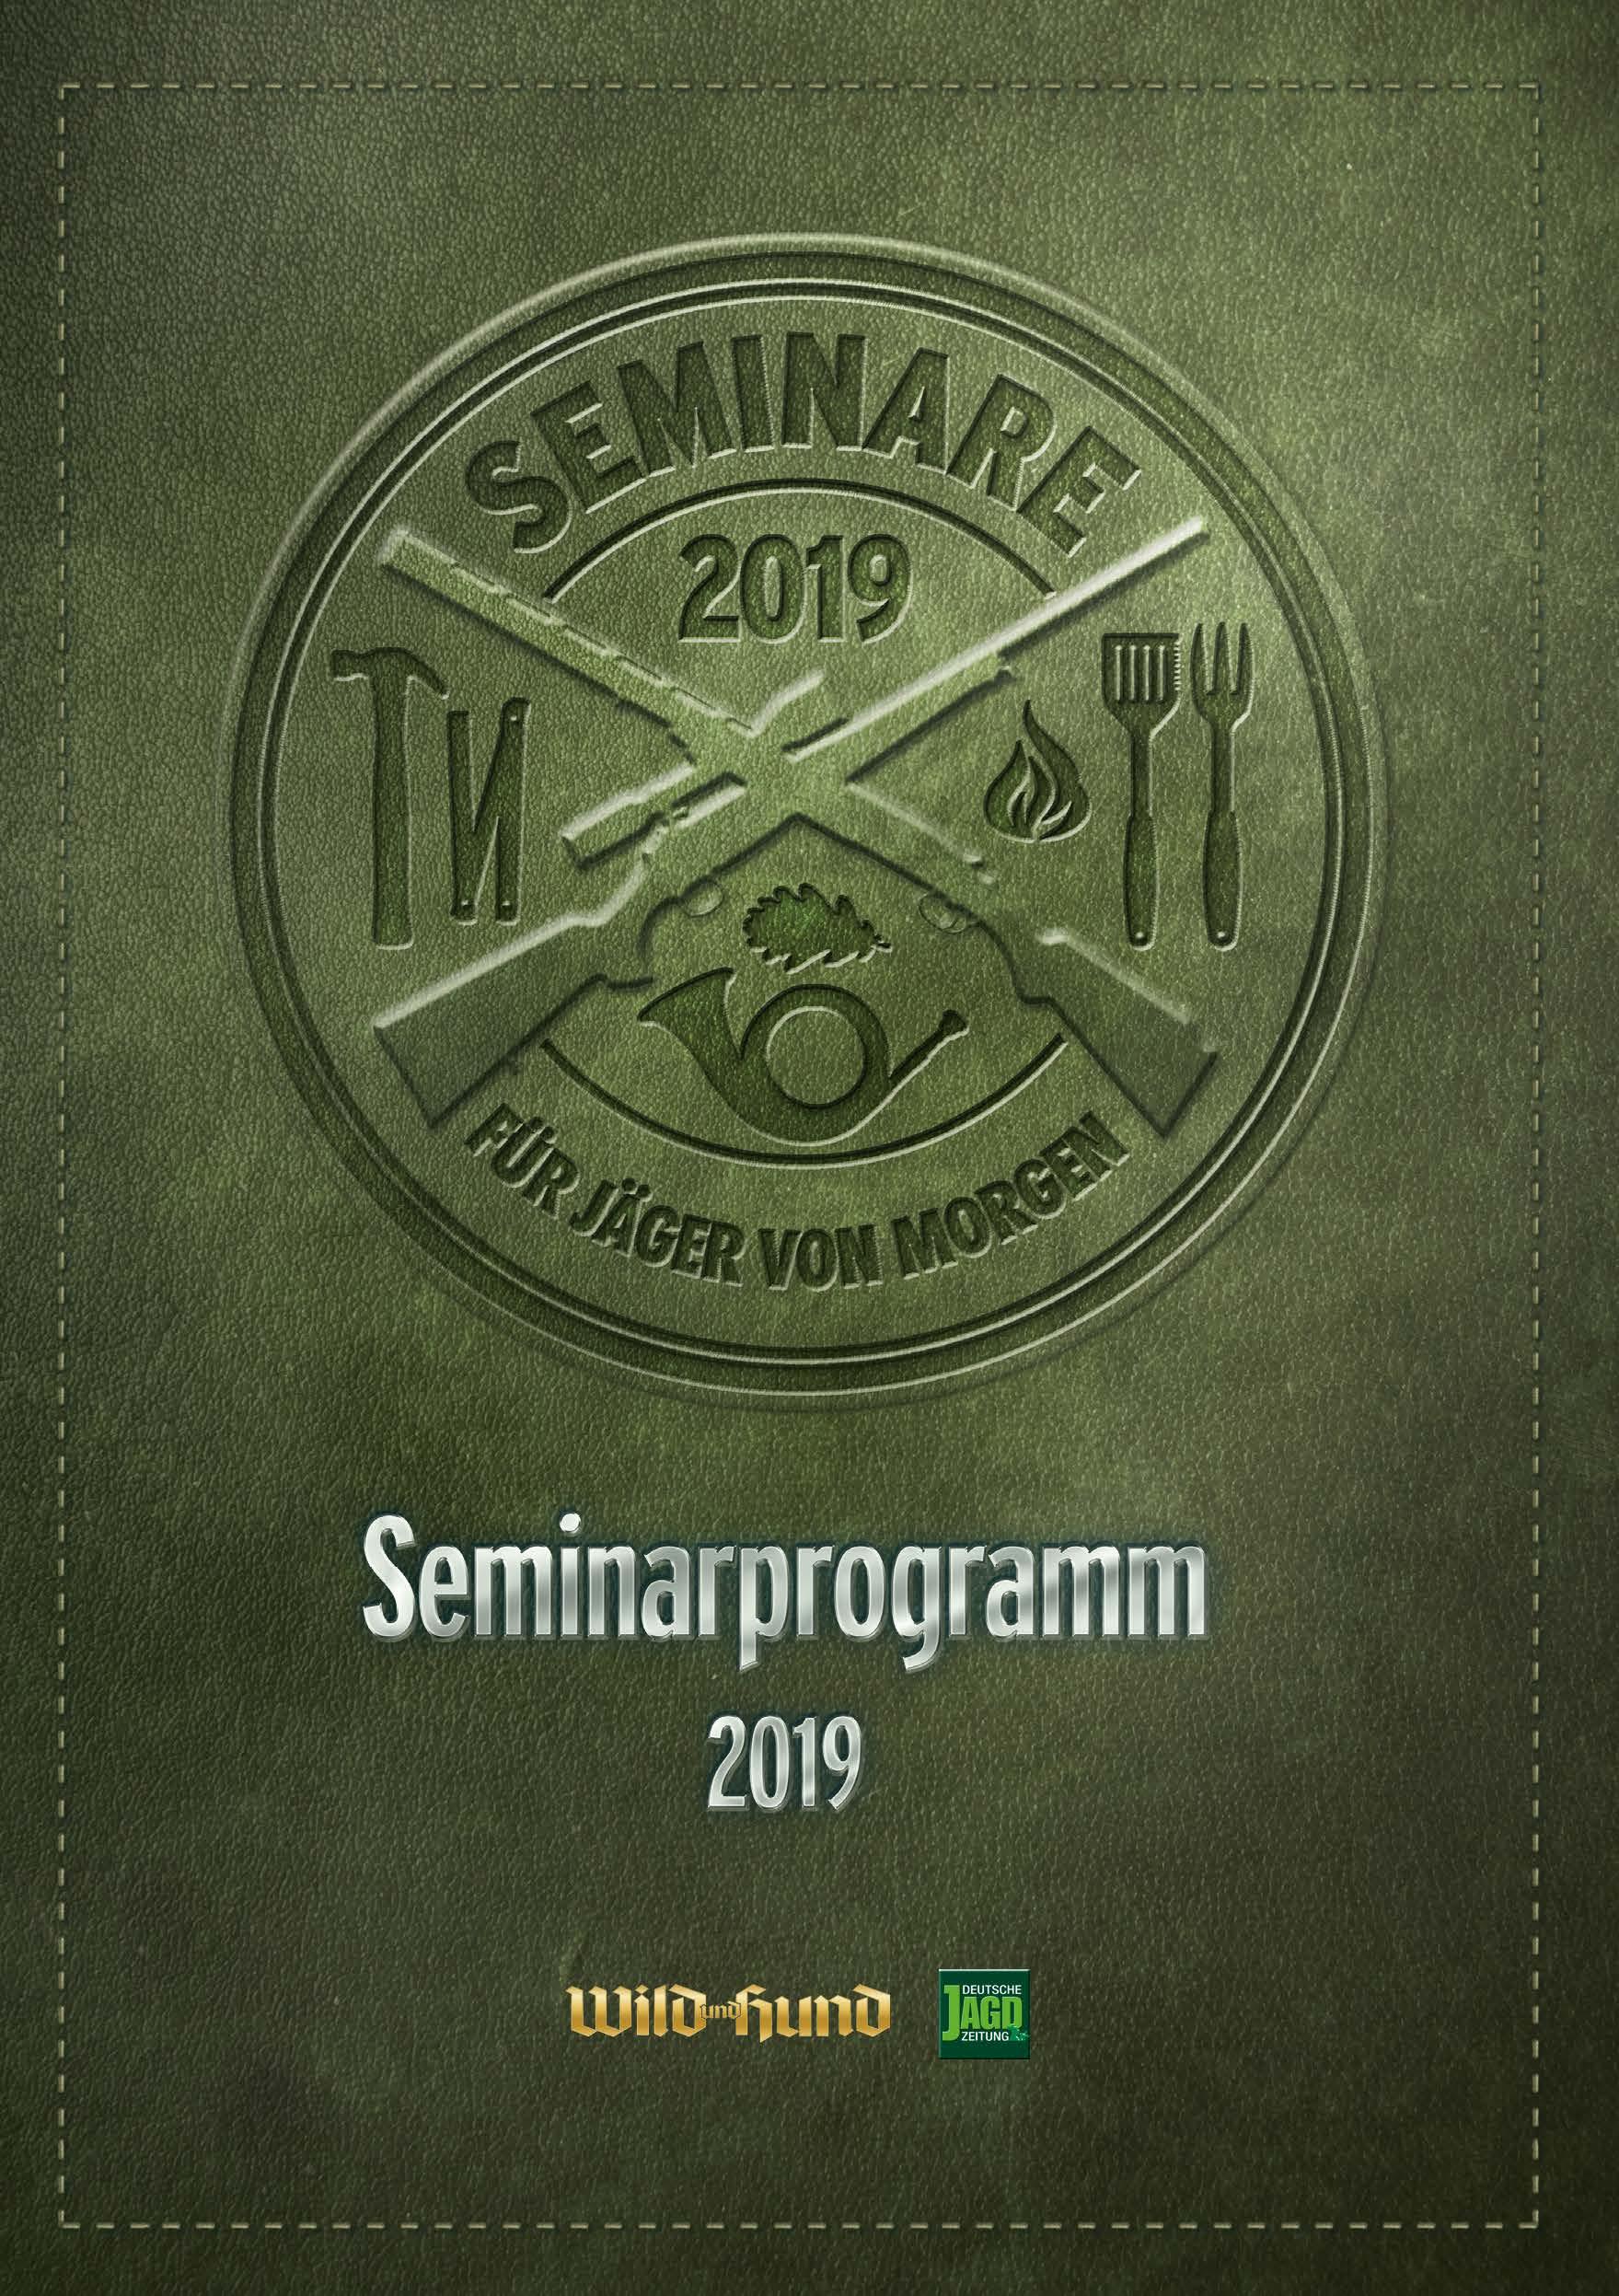 Seminare der Deutschen AJgdzeitung in der Broschüre